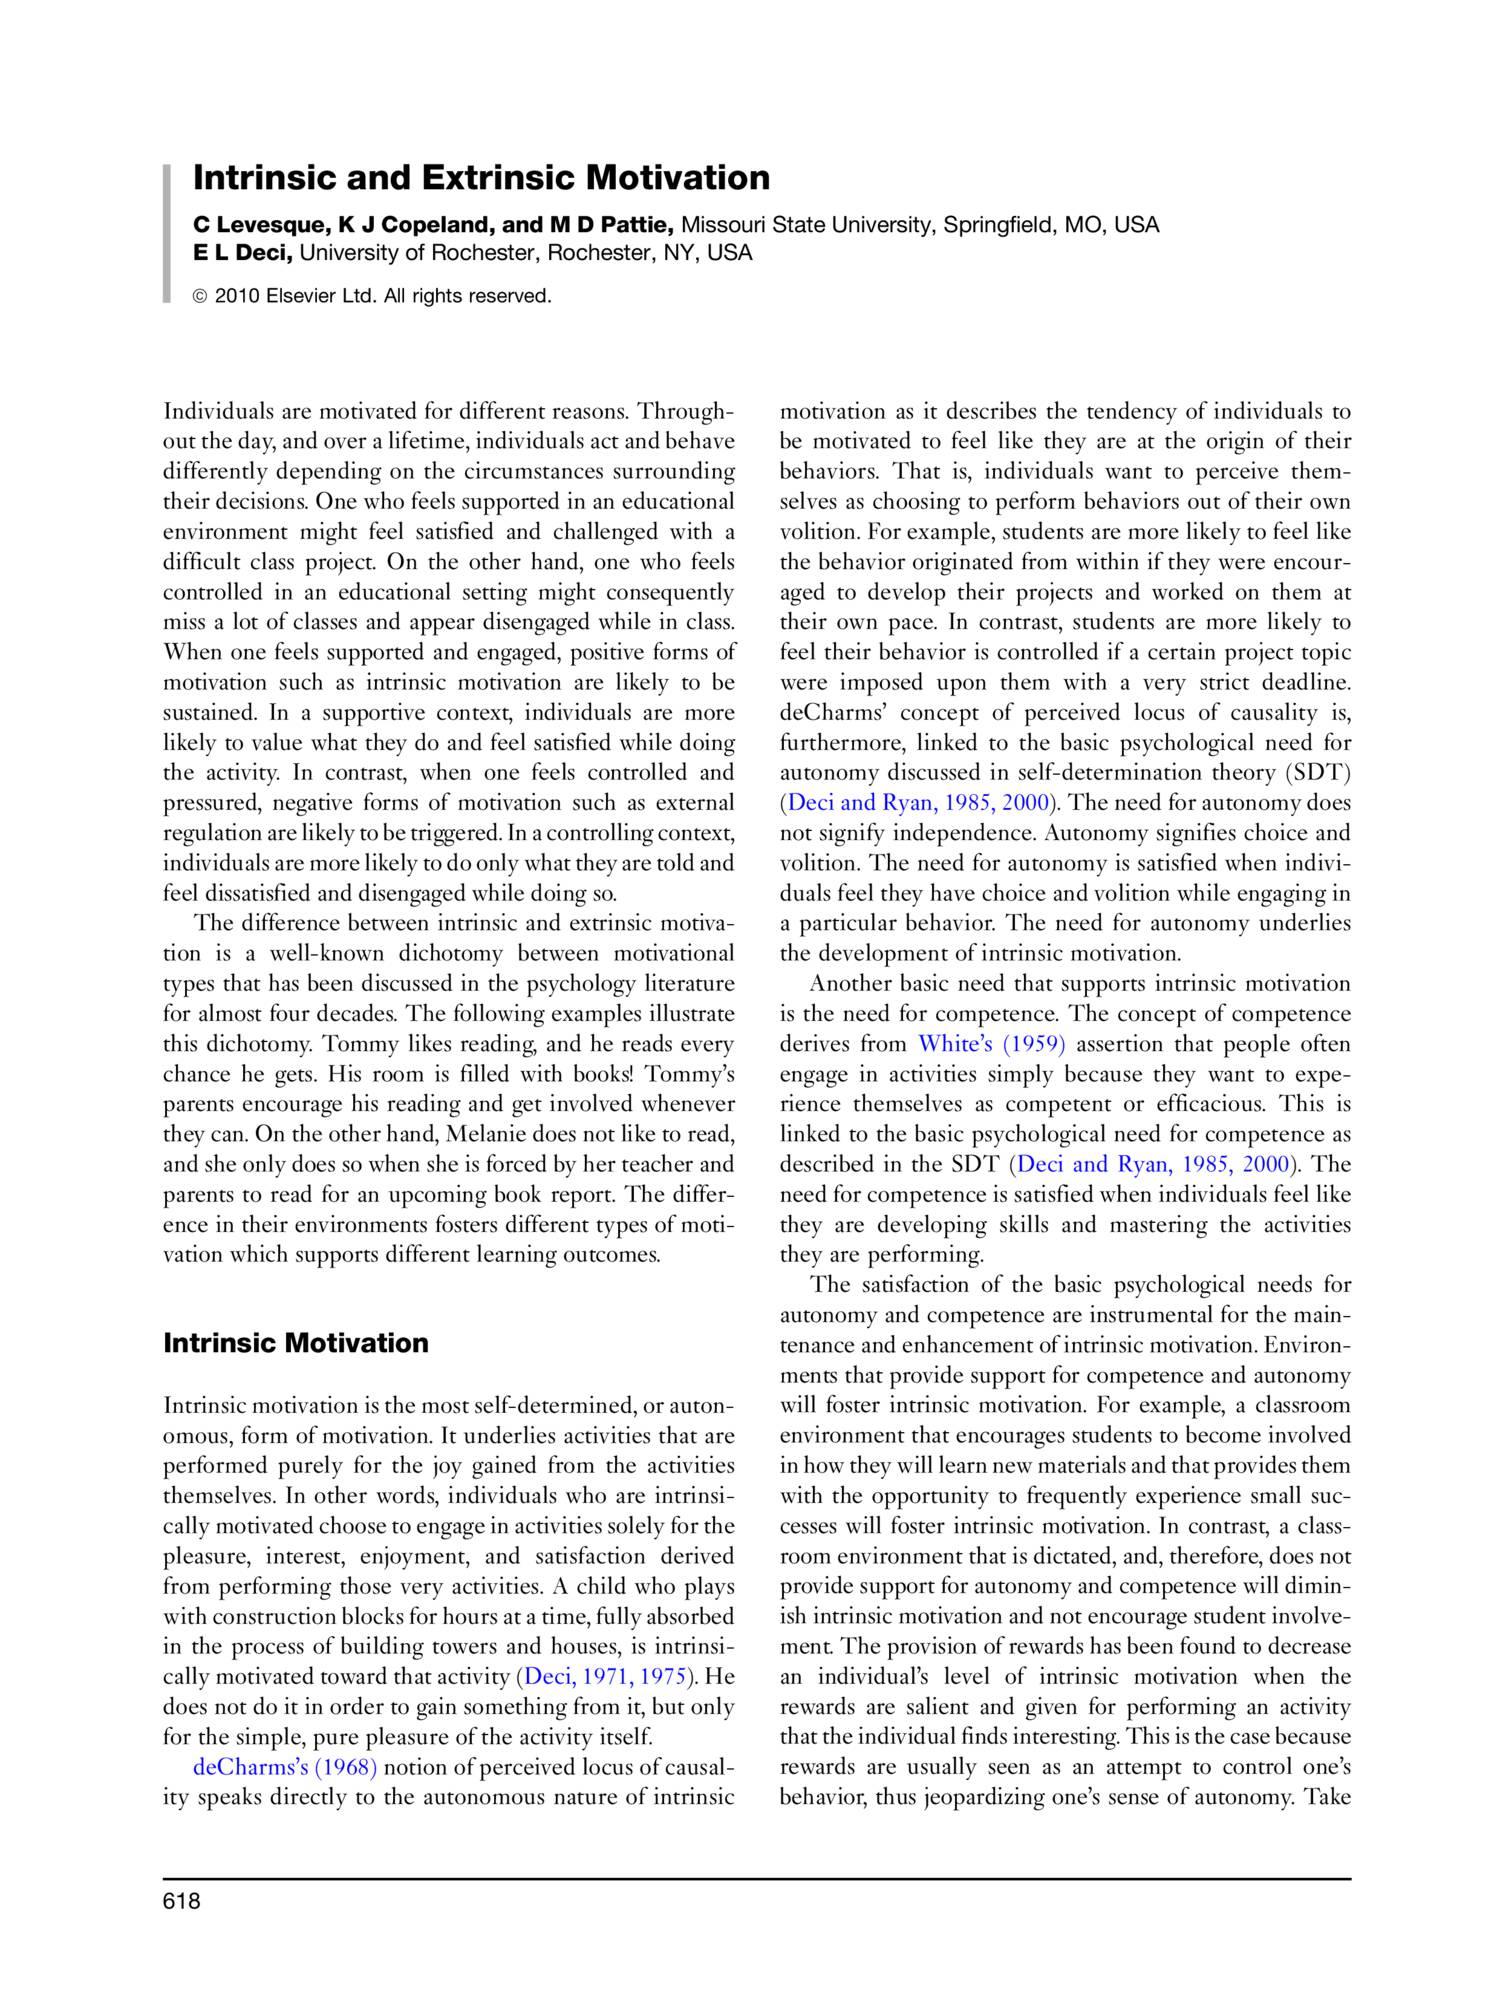 buy компьютерные технологии в обучении физике рабочая программа дисциплины 2002